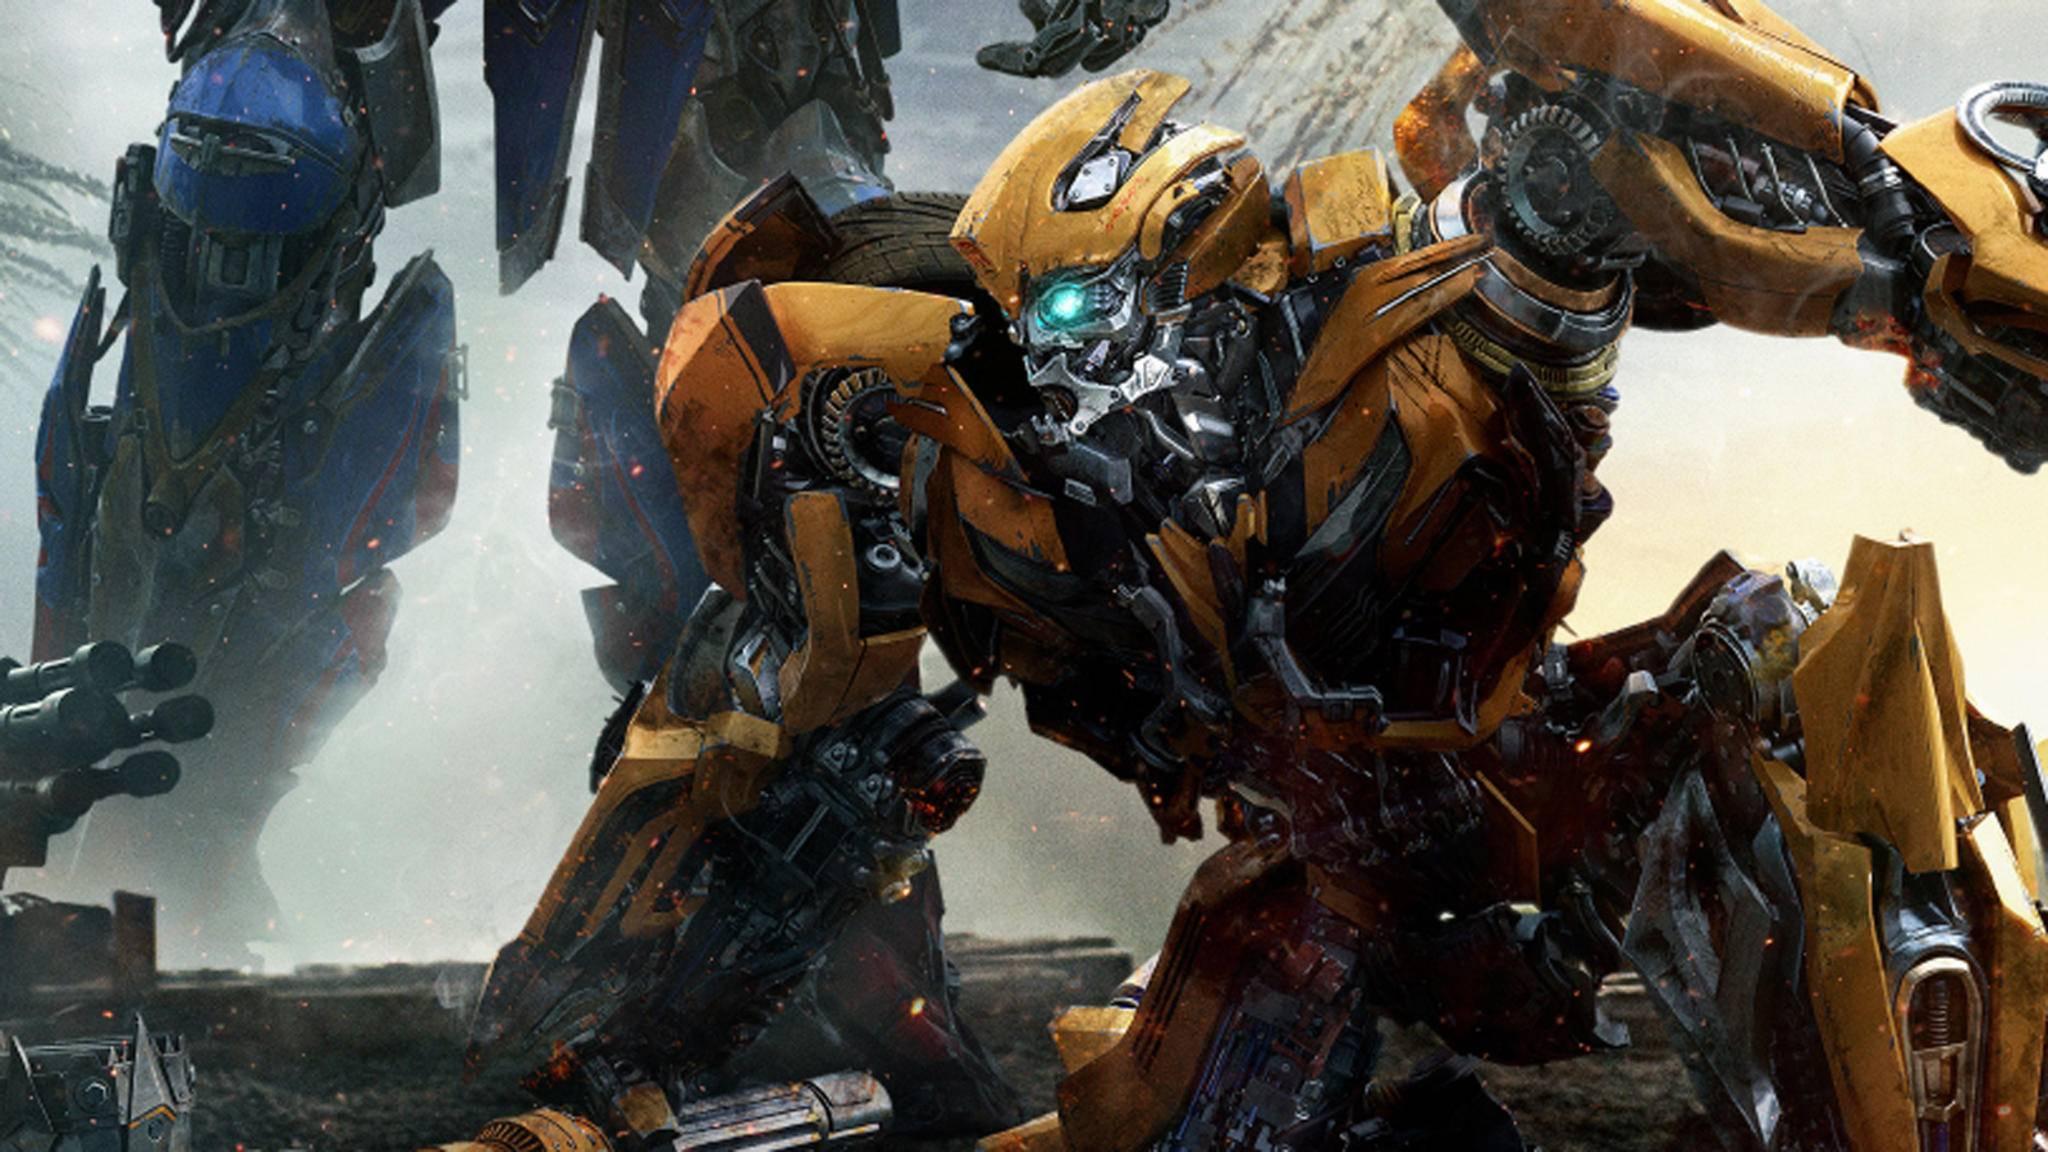 Autobot Bumblebee bekommt 2018 seinen eigenen Film.